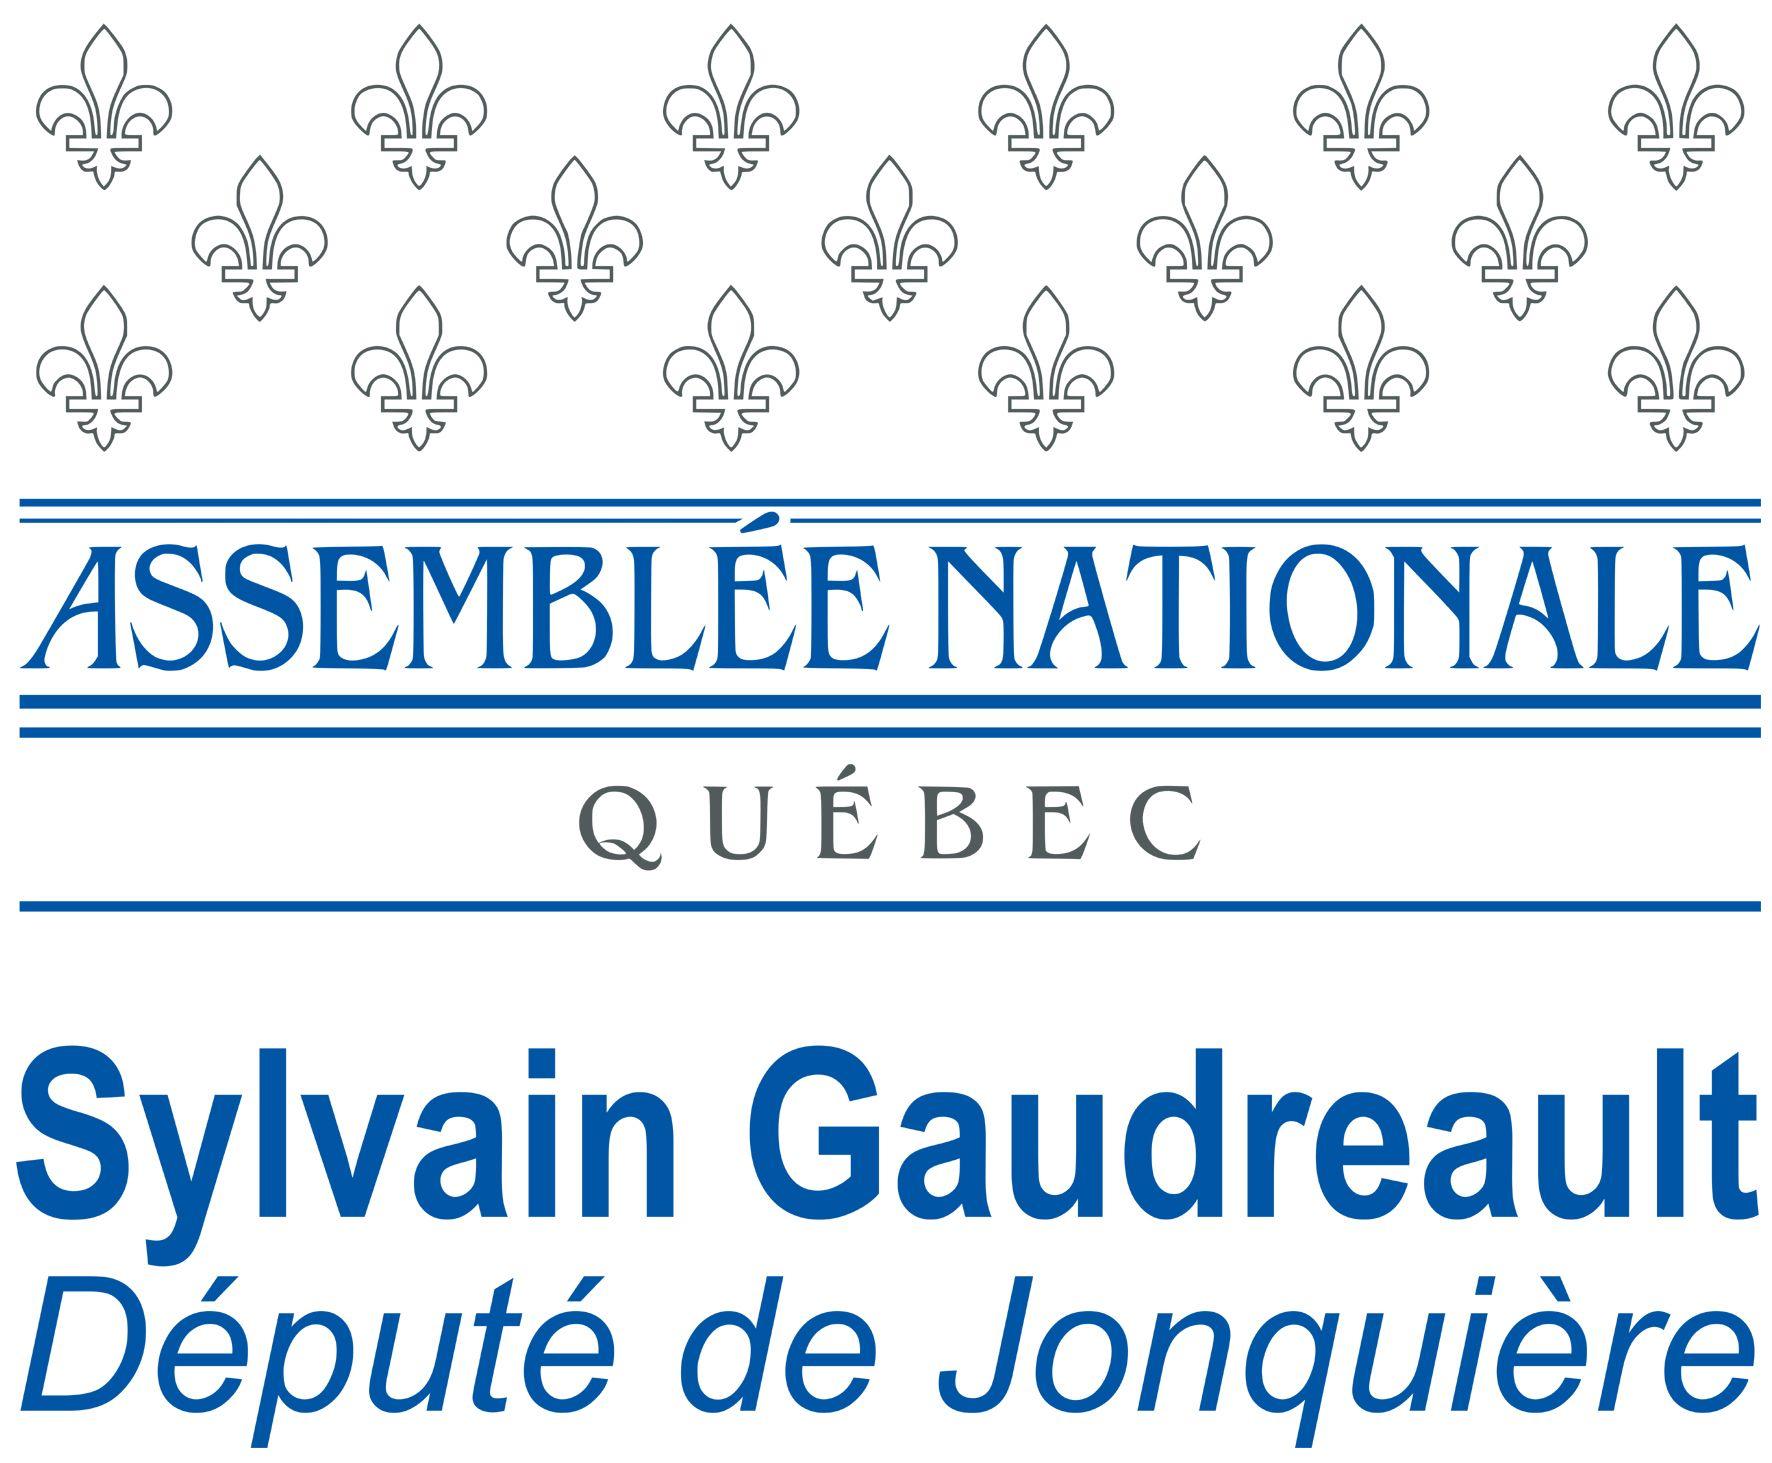 Sylvain Gaudreault - Député de Jonquière